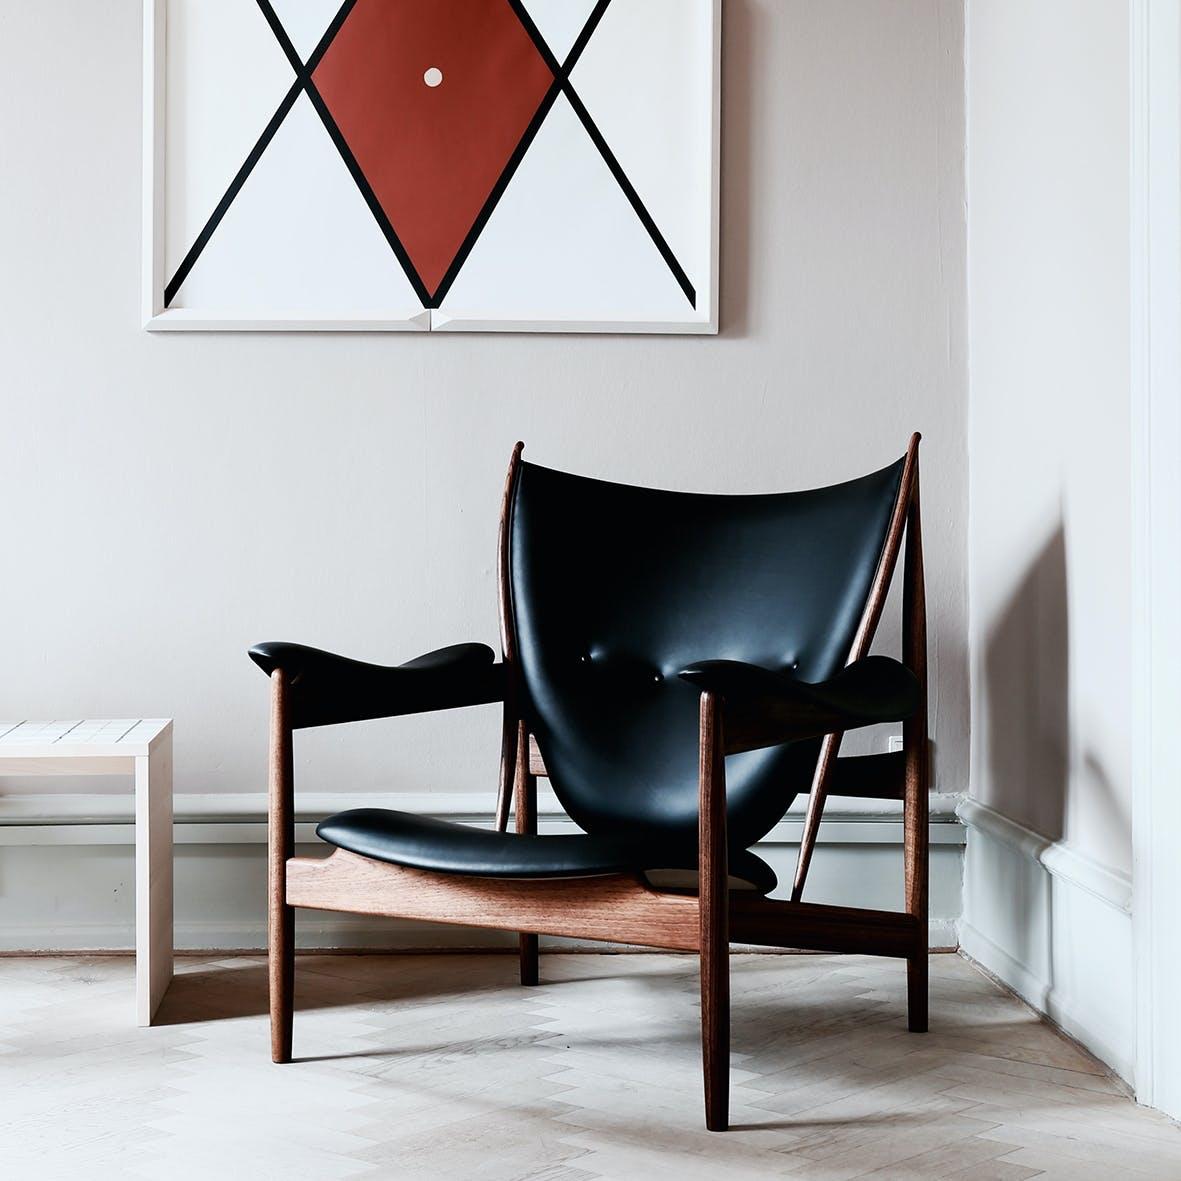 dansk design lænestol 7 lænestole fra danske design koryfæer | bobedre.dk dansk design lænestol